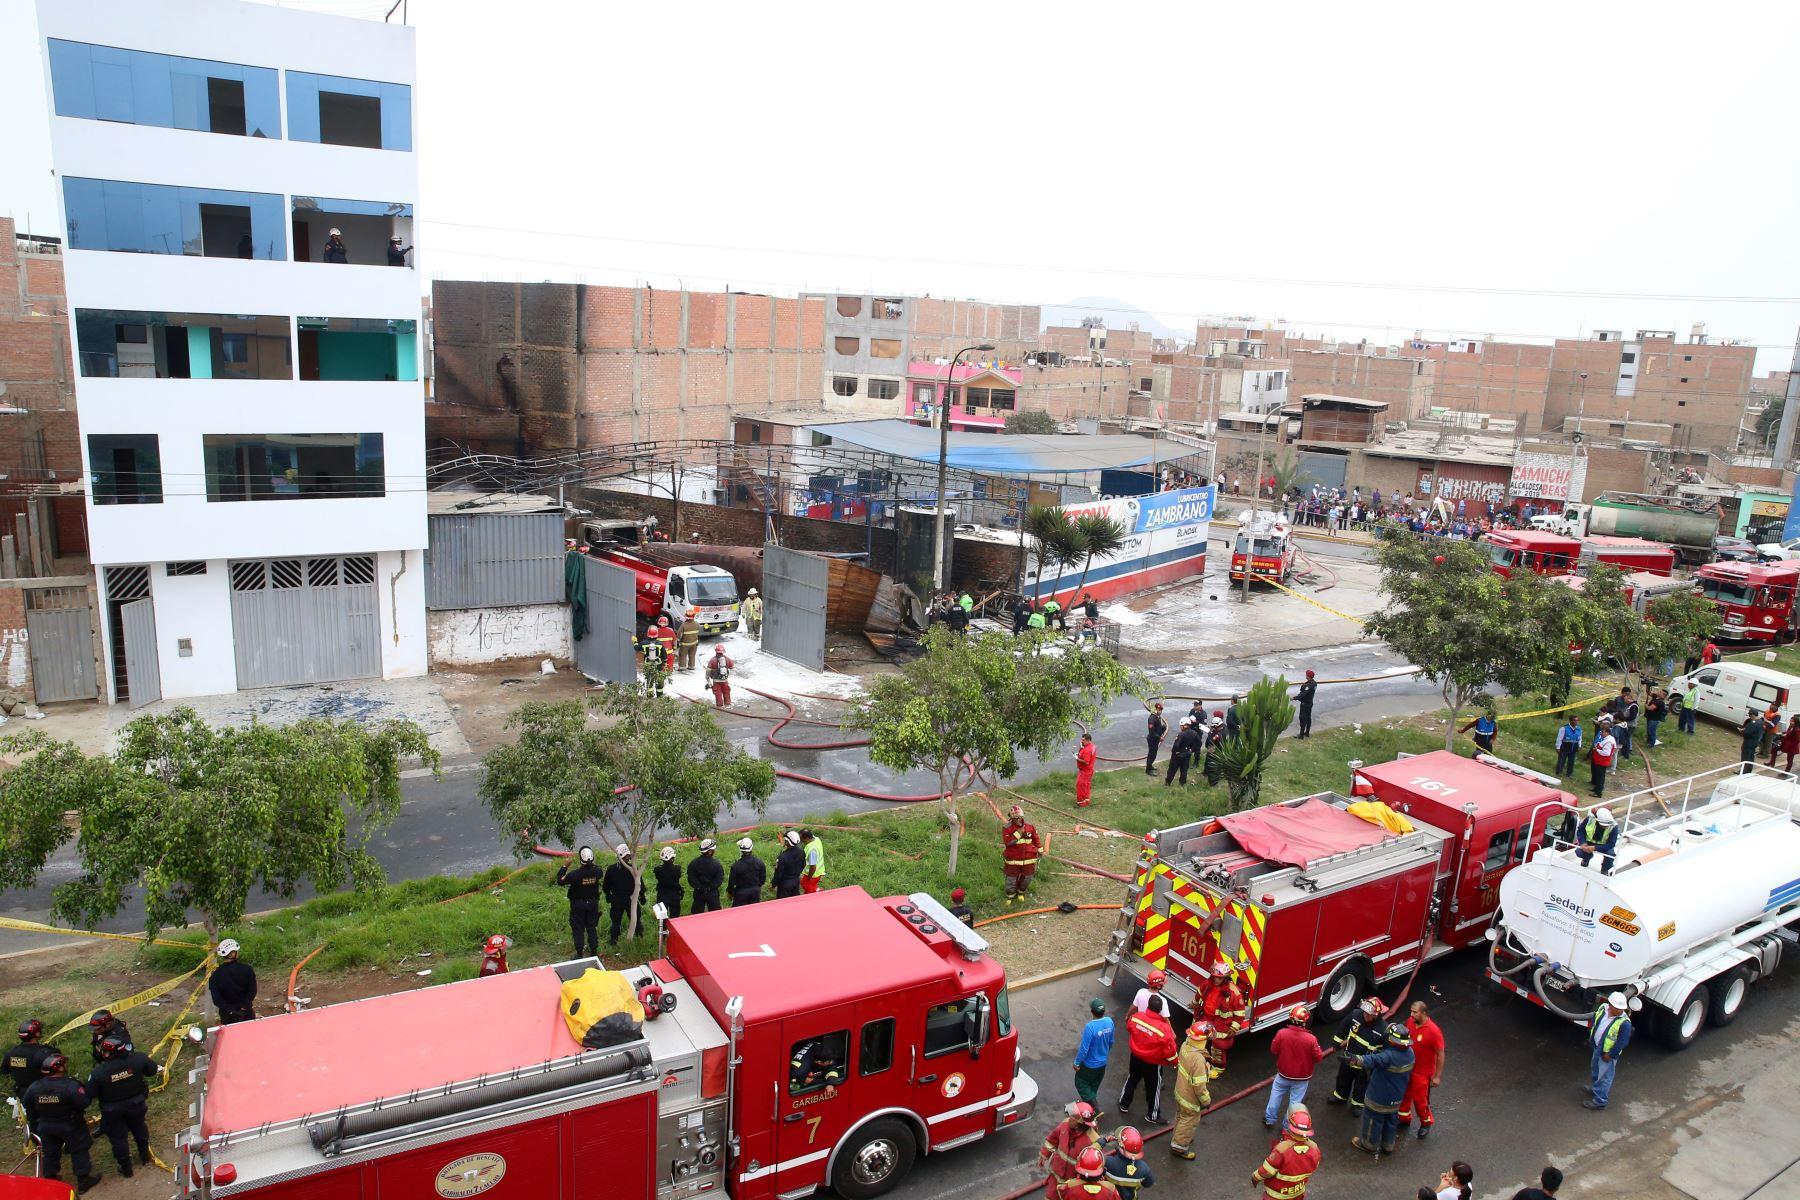 Incendio en taller de conversión vehicular de gasolina a gas, en el distrito de San Martín de Porres, muy cerca de la frontera con el Callao. Foto: ANDINA/Vidal Tarqui